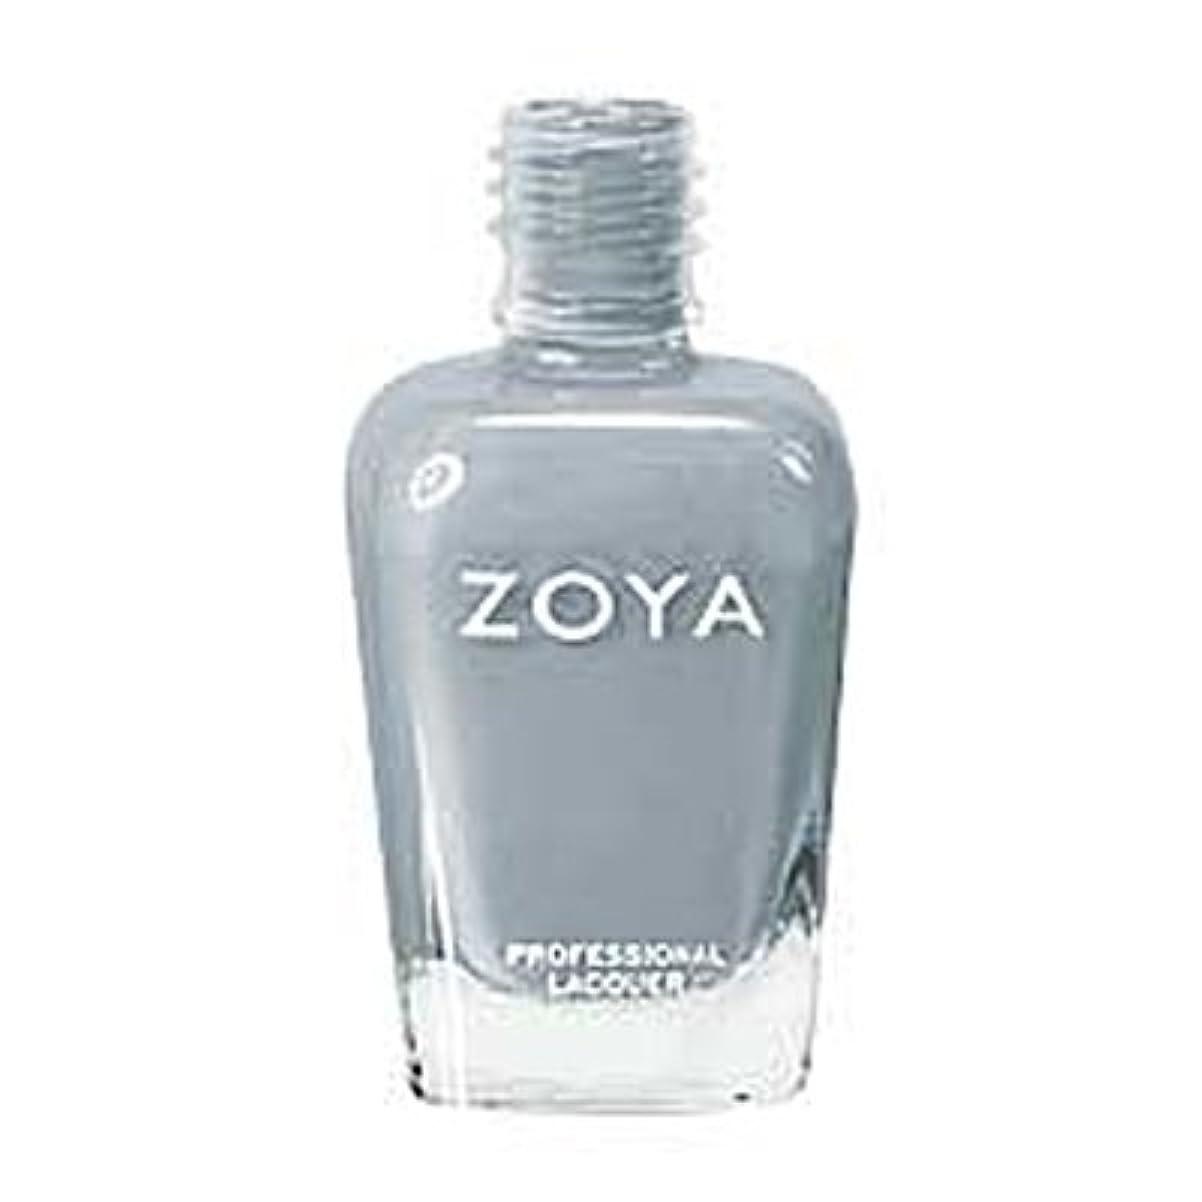 ラジウム機関過半数[Zoya] ZP591 クリスティン [Feel Collection][並行輸入品][海外直送品]